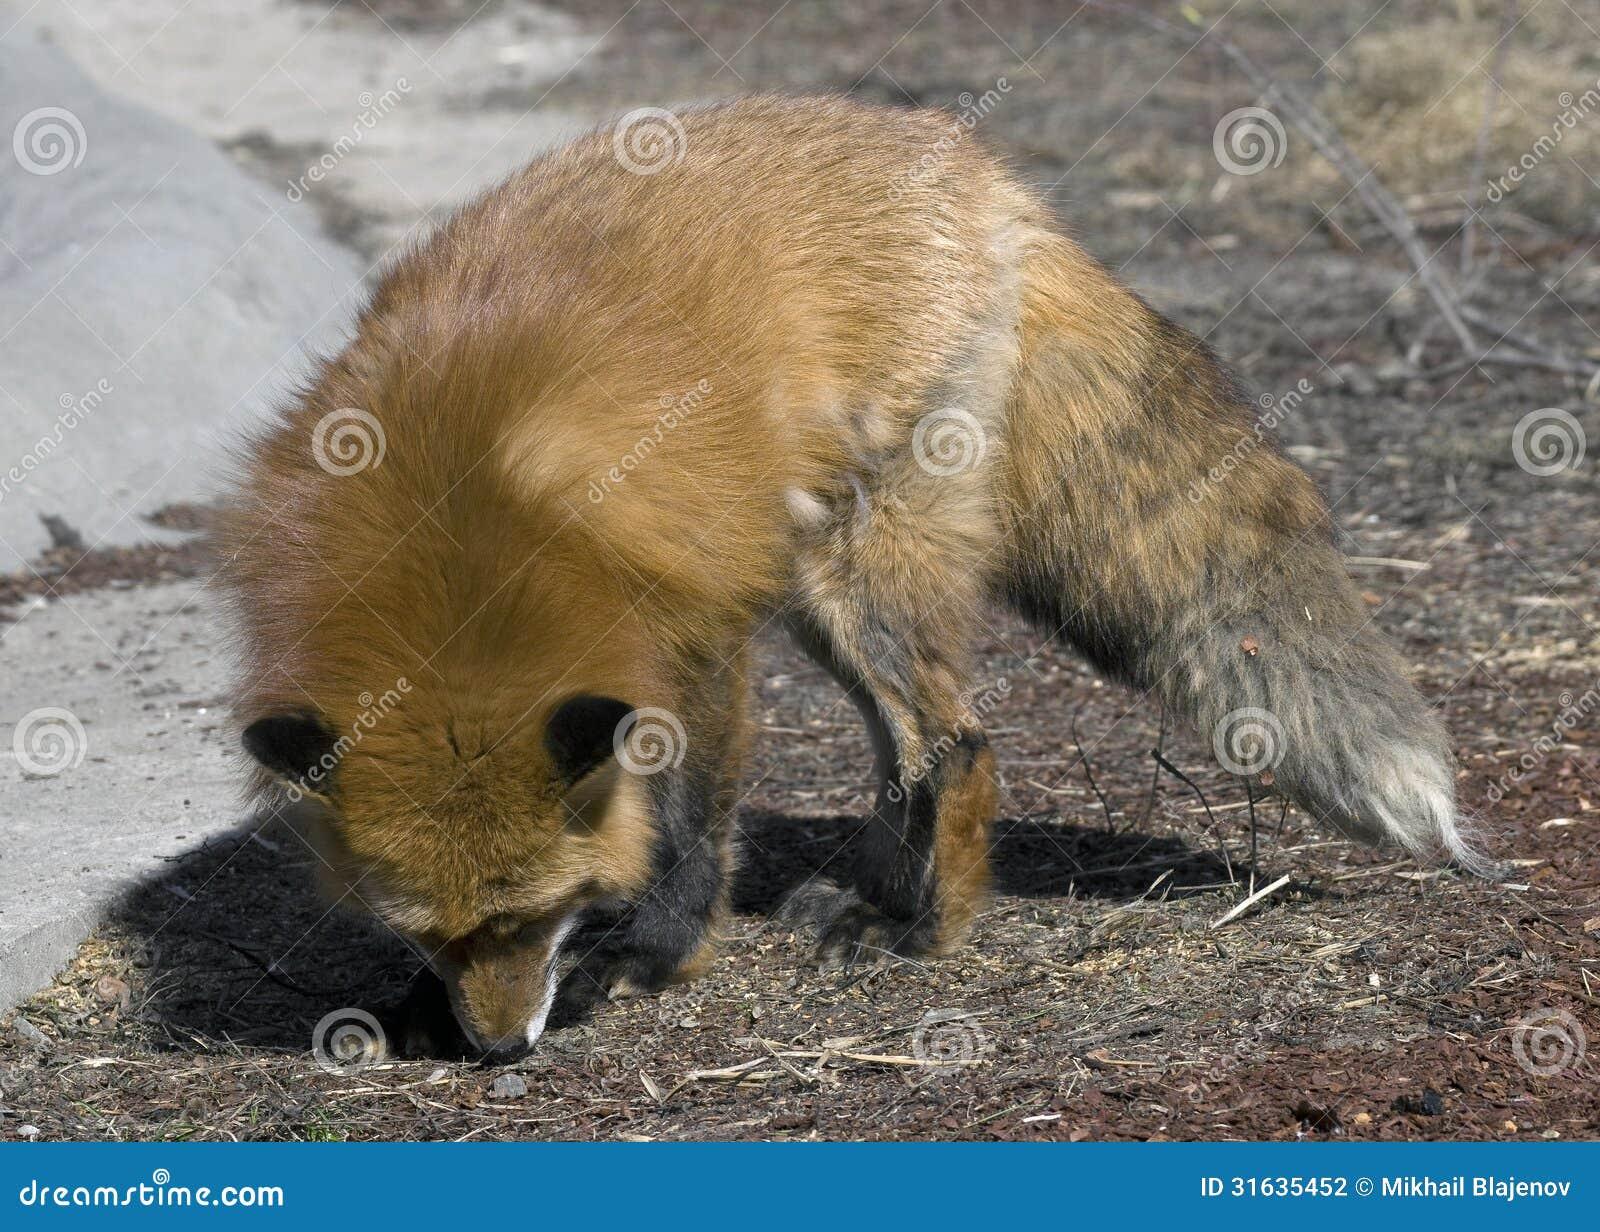 fox latina - photo#36